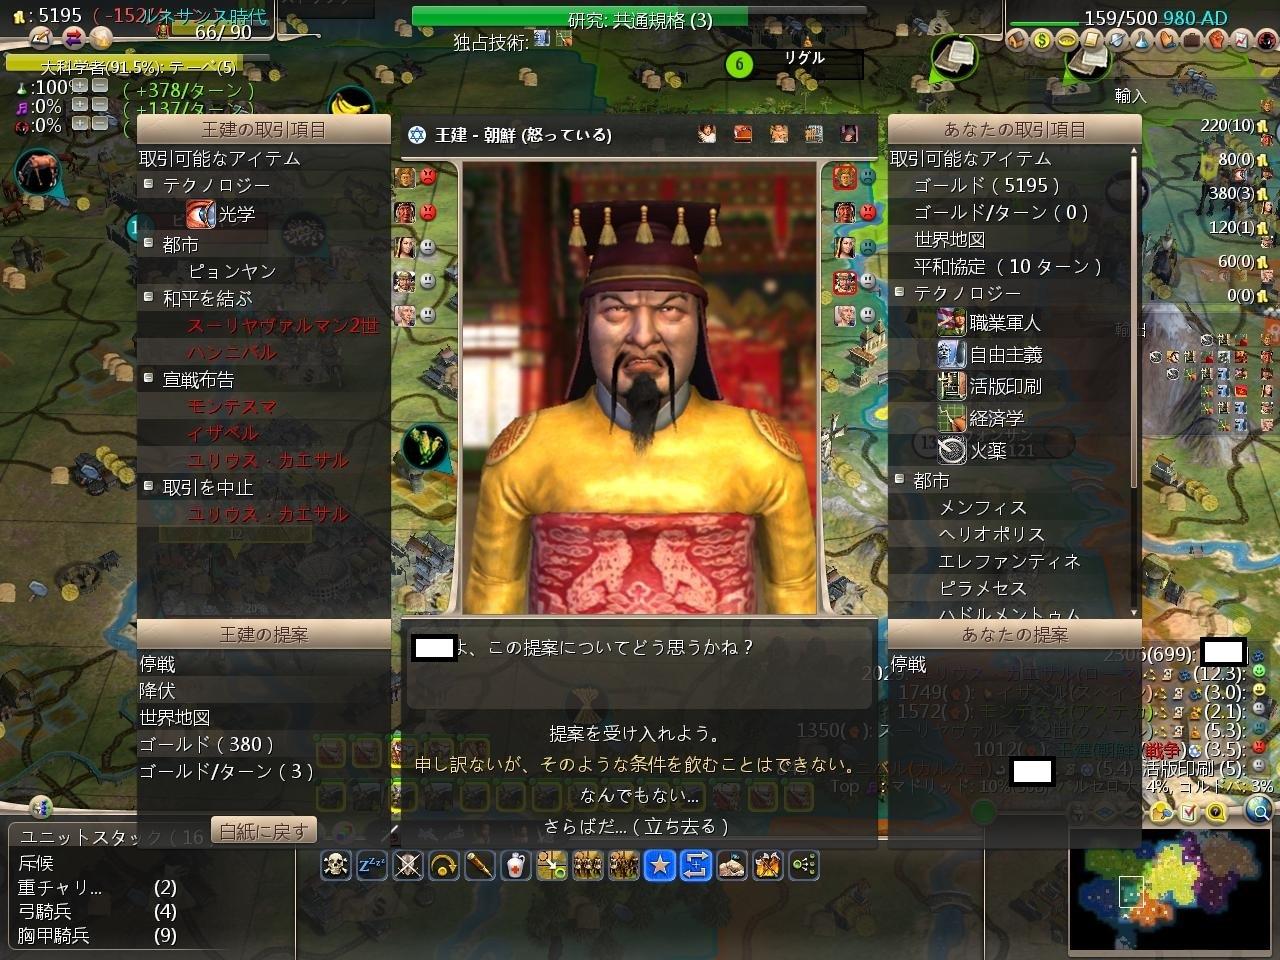 Civ4ScreenShot2145.JPG